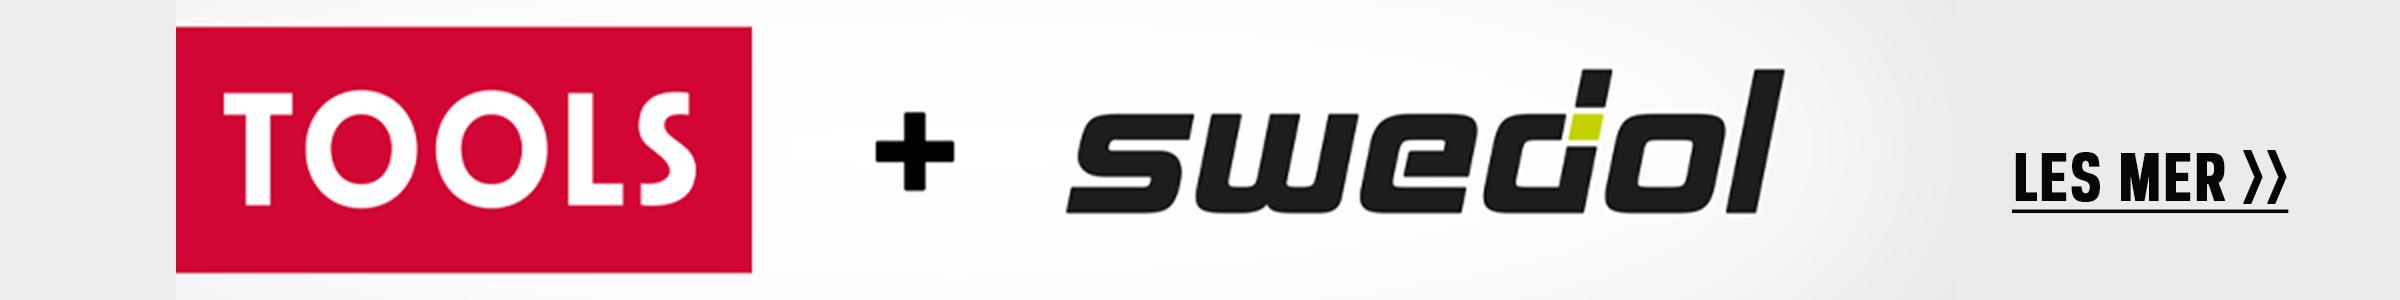 Tools og Swedol får felles eier. Les mer her